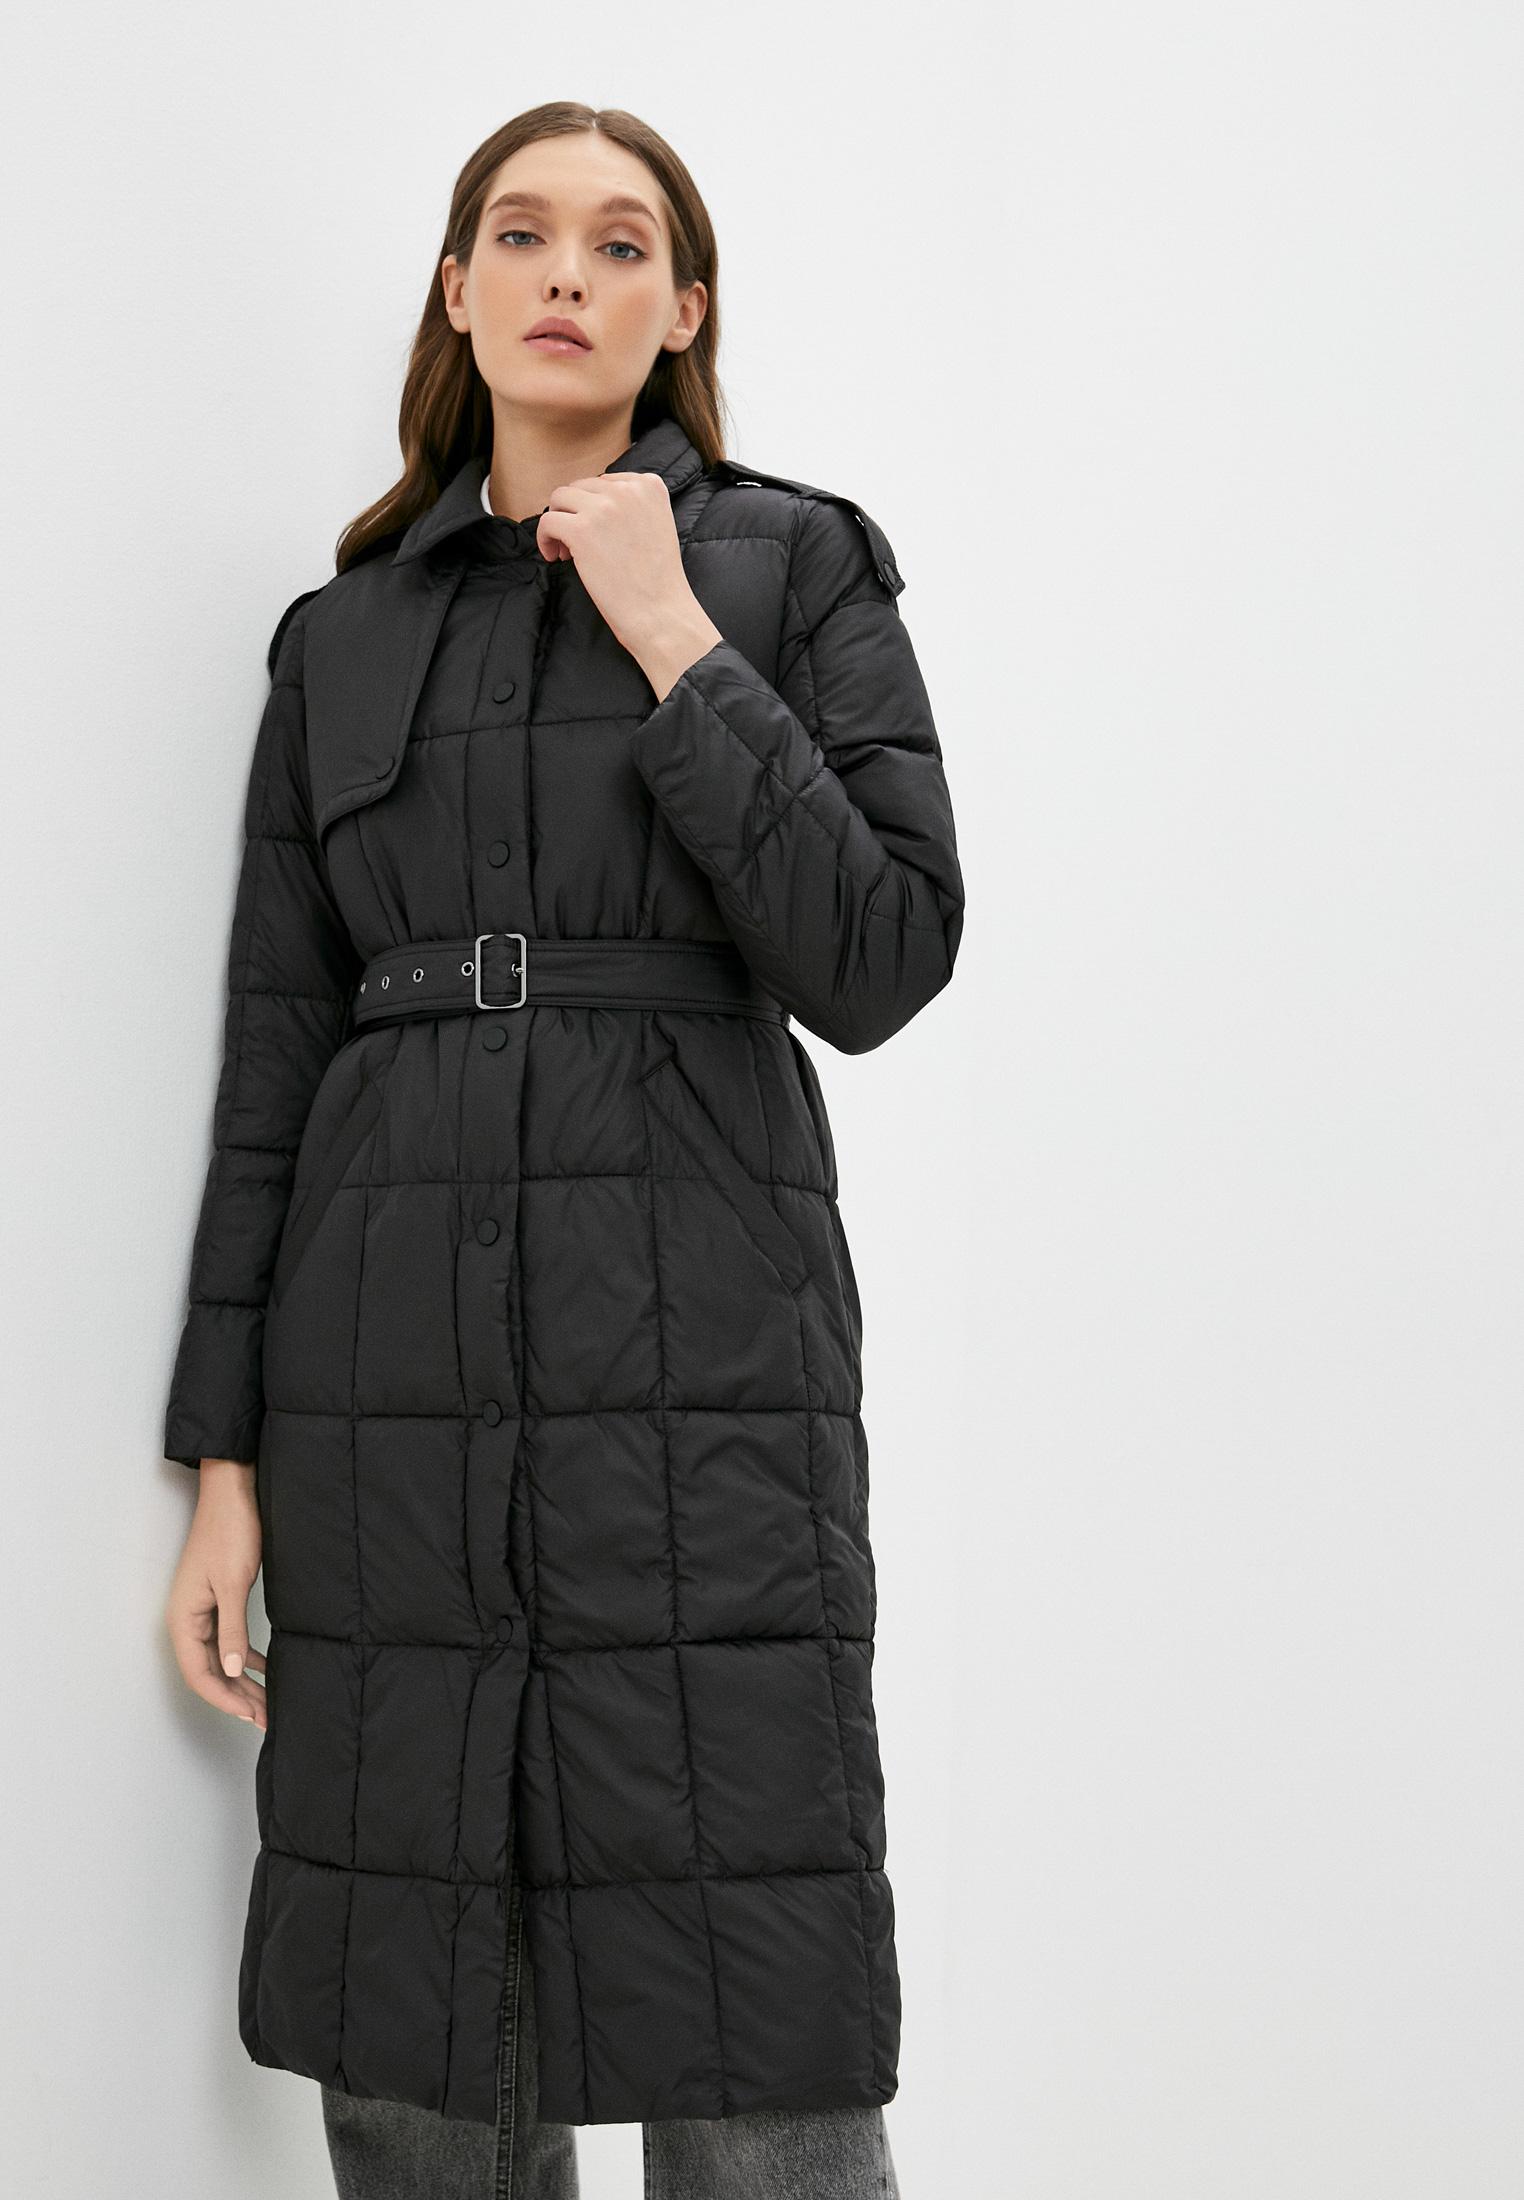 Утепленная куртка BULMER Куртка утепленная Bulmer